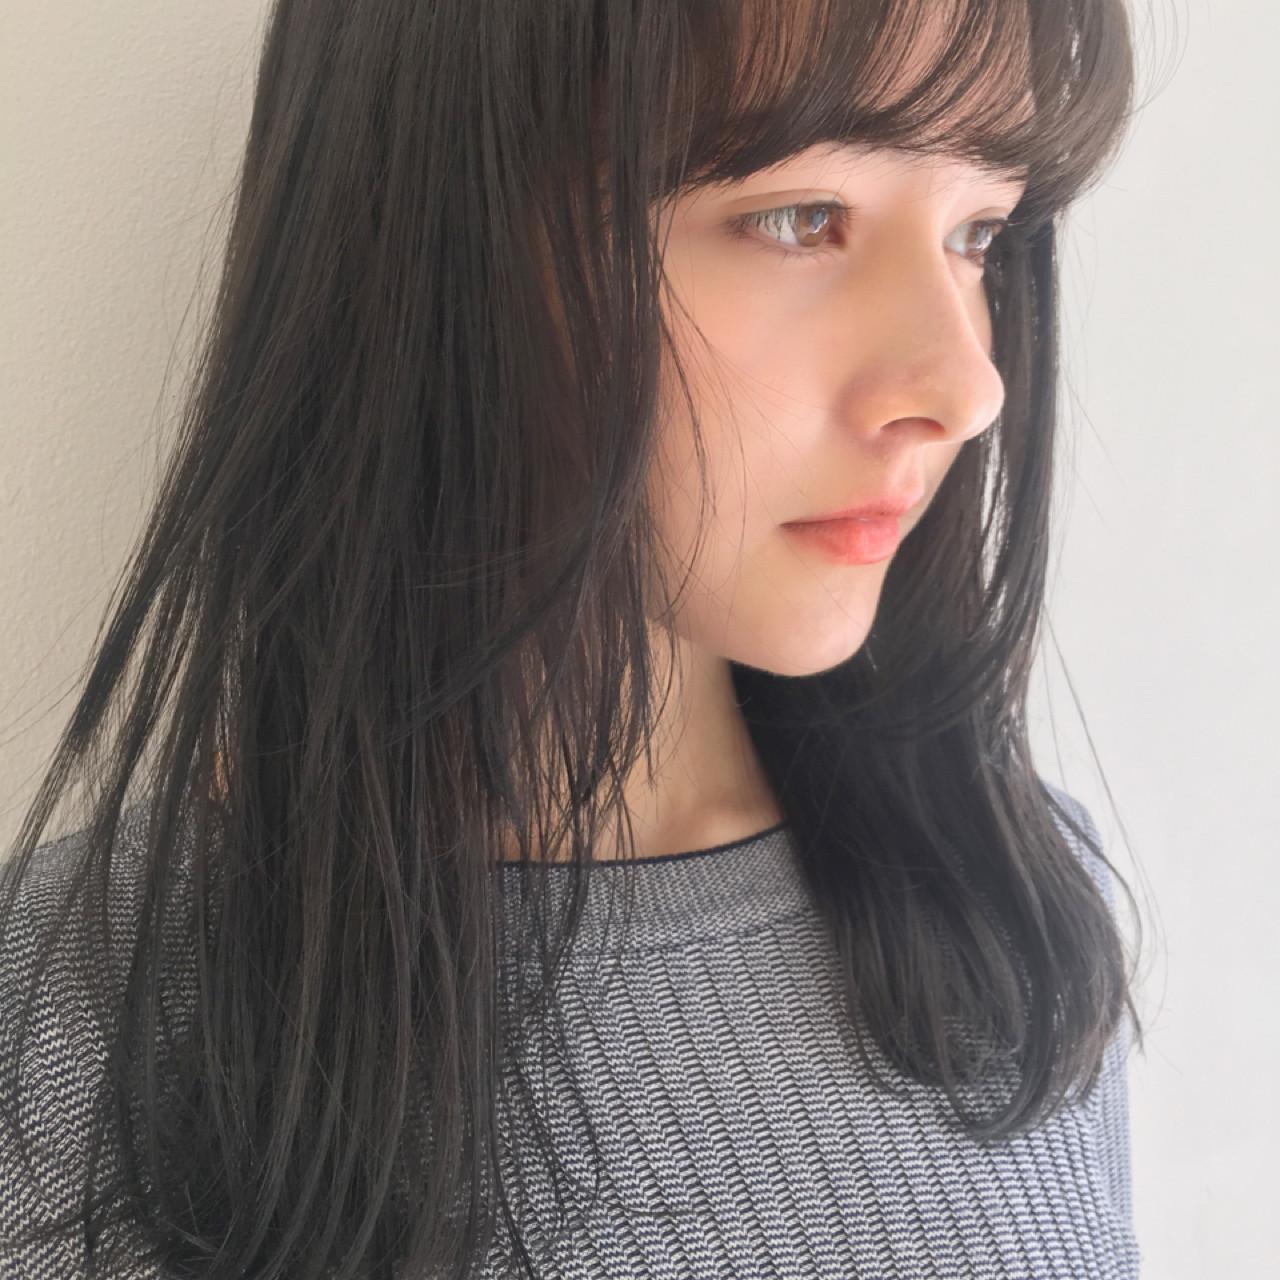 ガーリー ダークアッシュ 暗髪 ゆるふわ ヘアスタイルや髪型の写真・画像